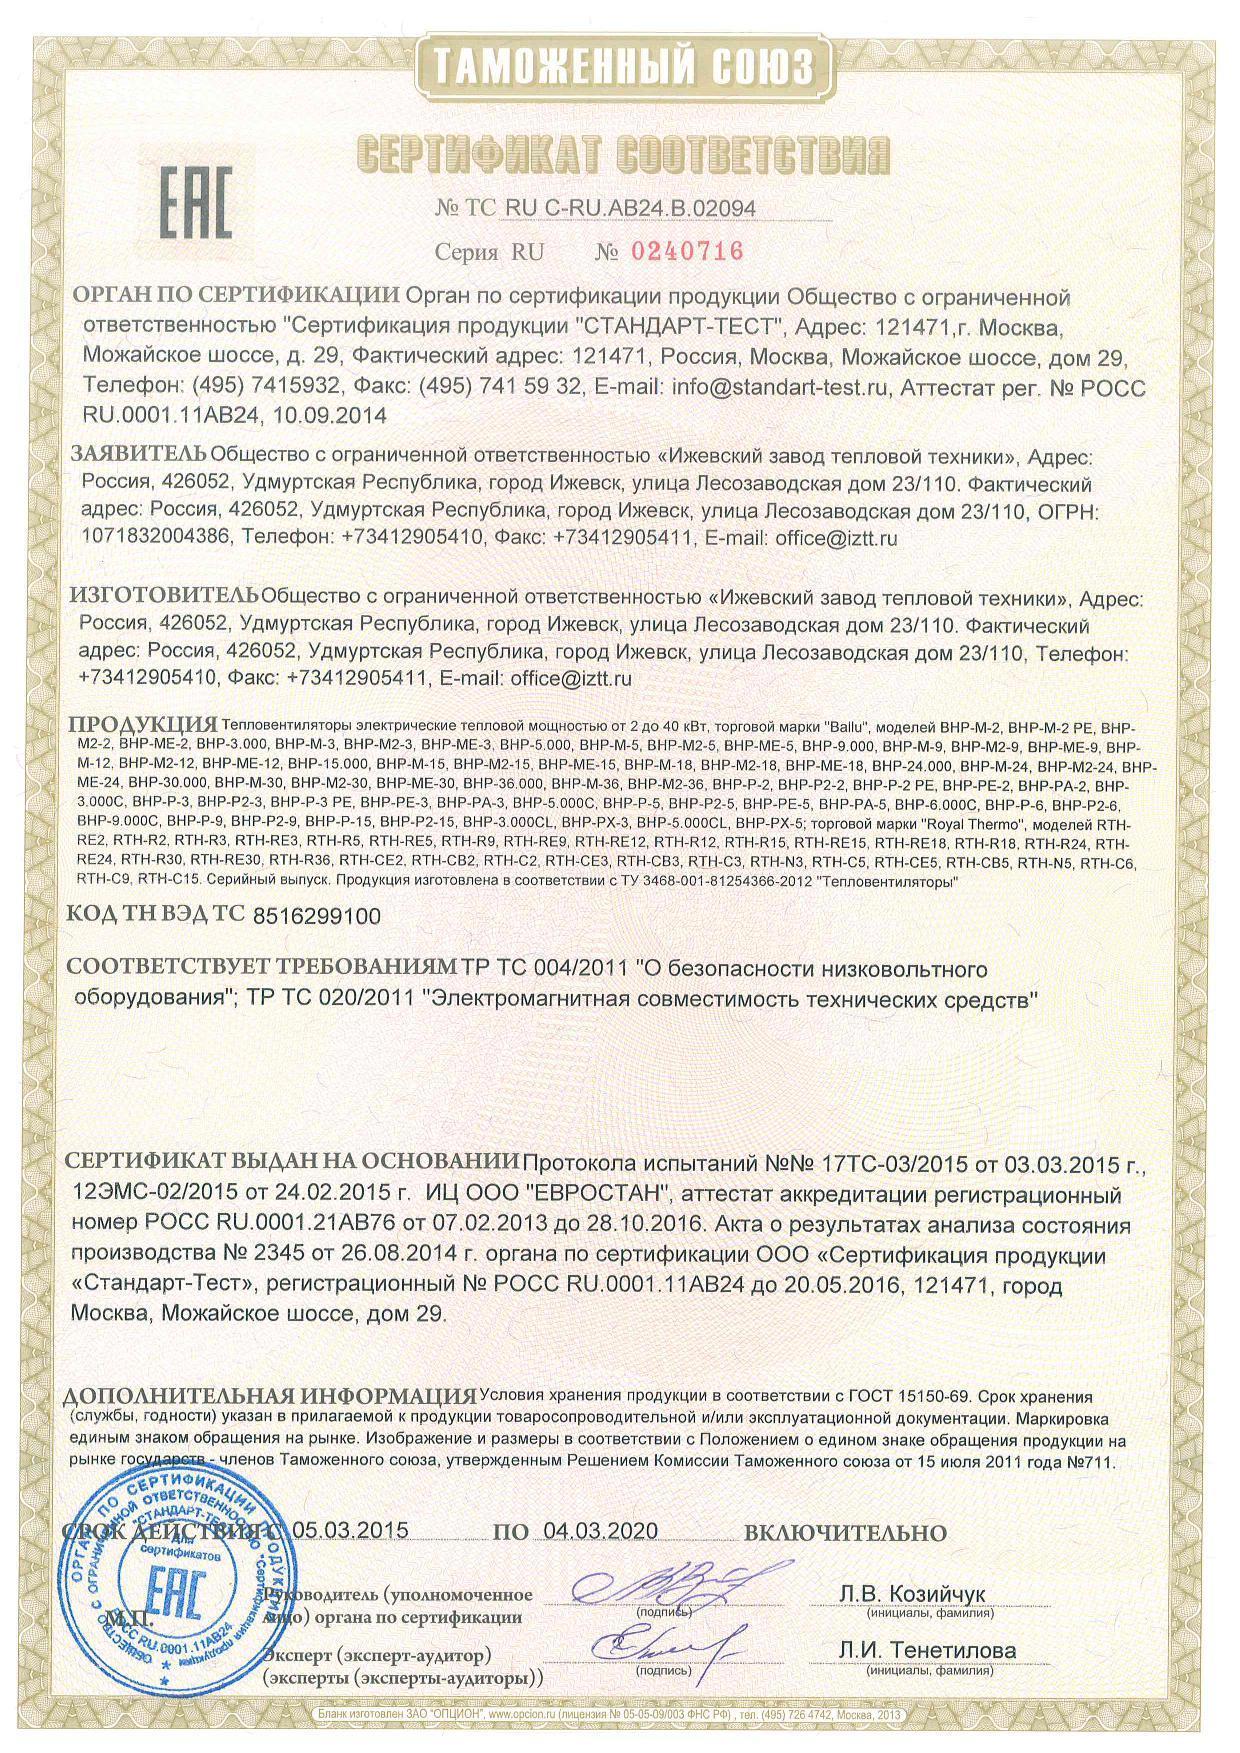 Сертификат соответствия на тепловую пушку BALLU BHP-P2-3